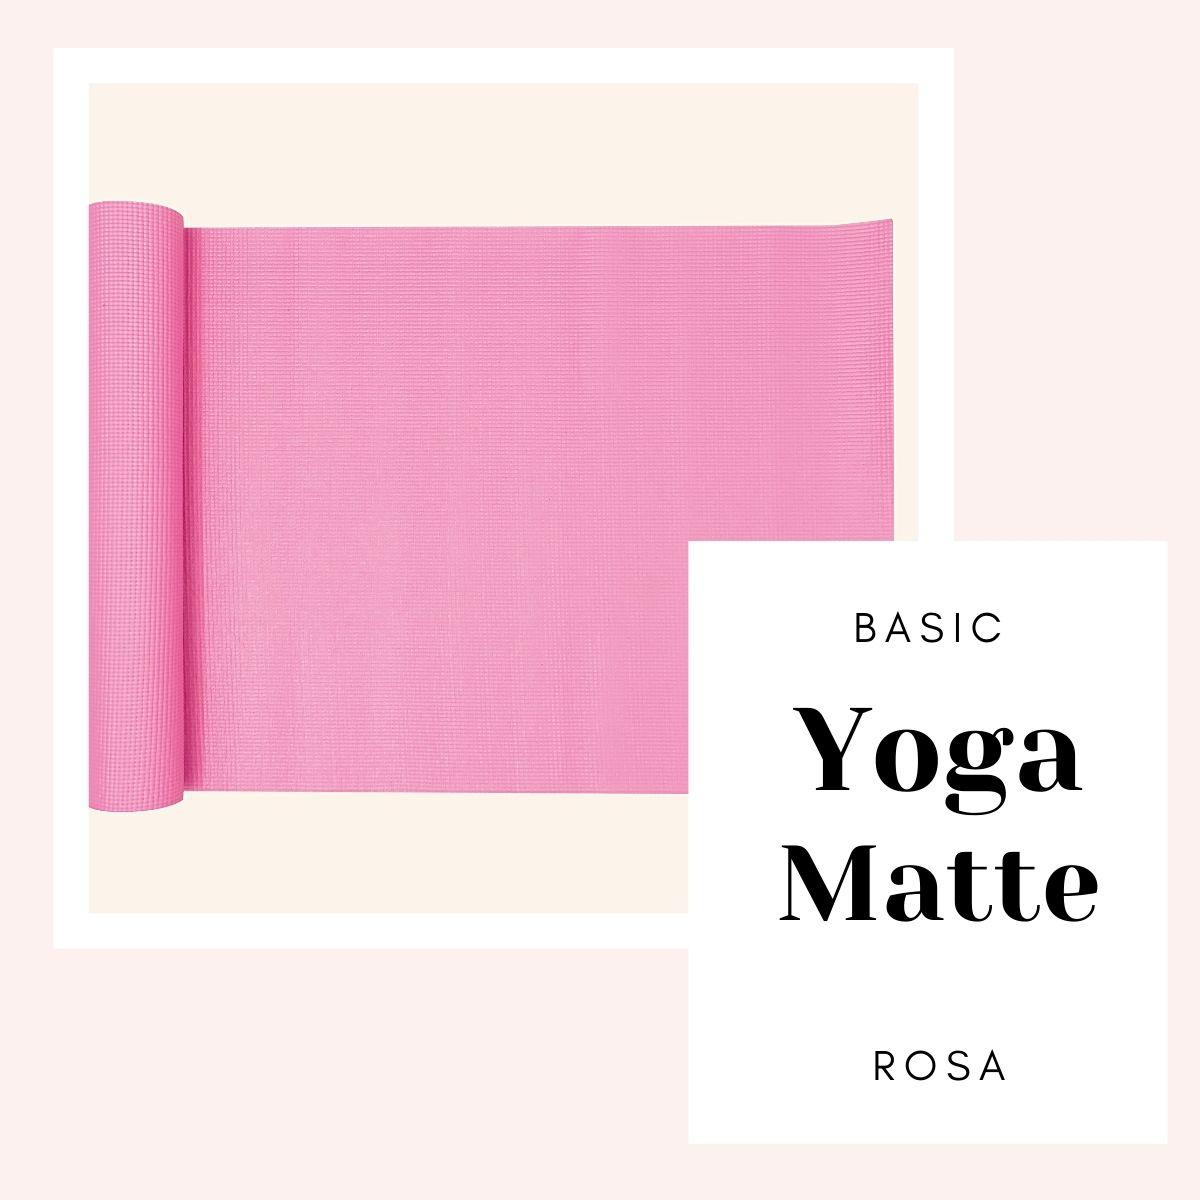 yogamatte-basic-rosa-freiburg